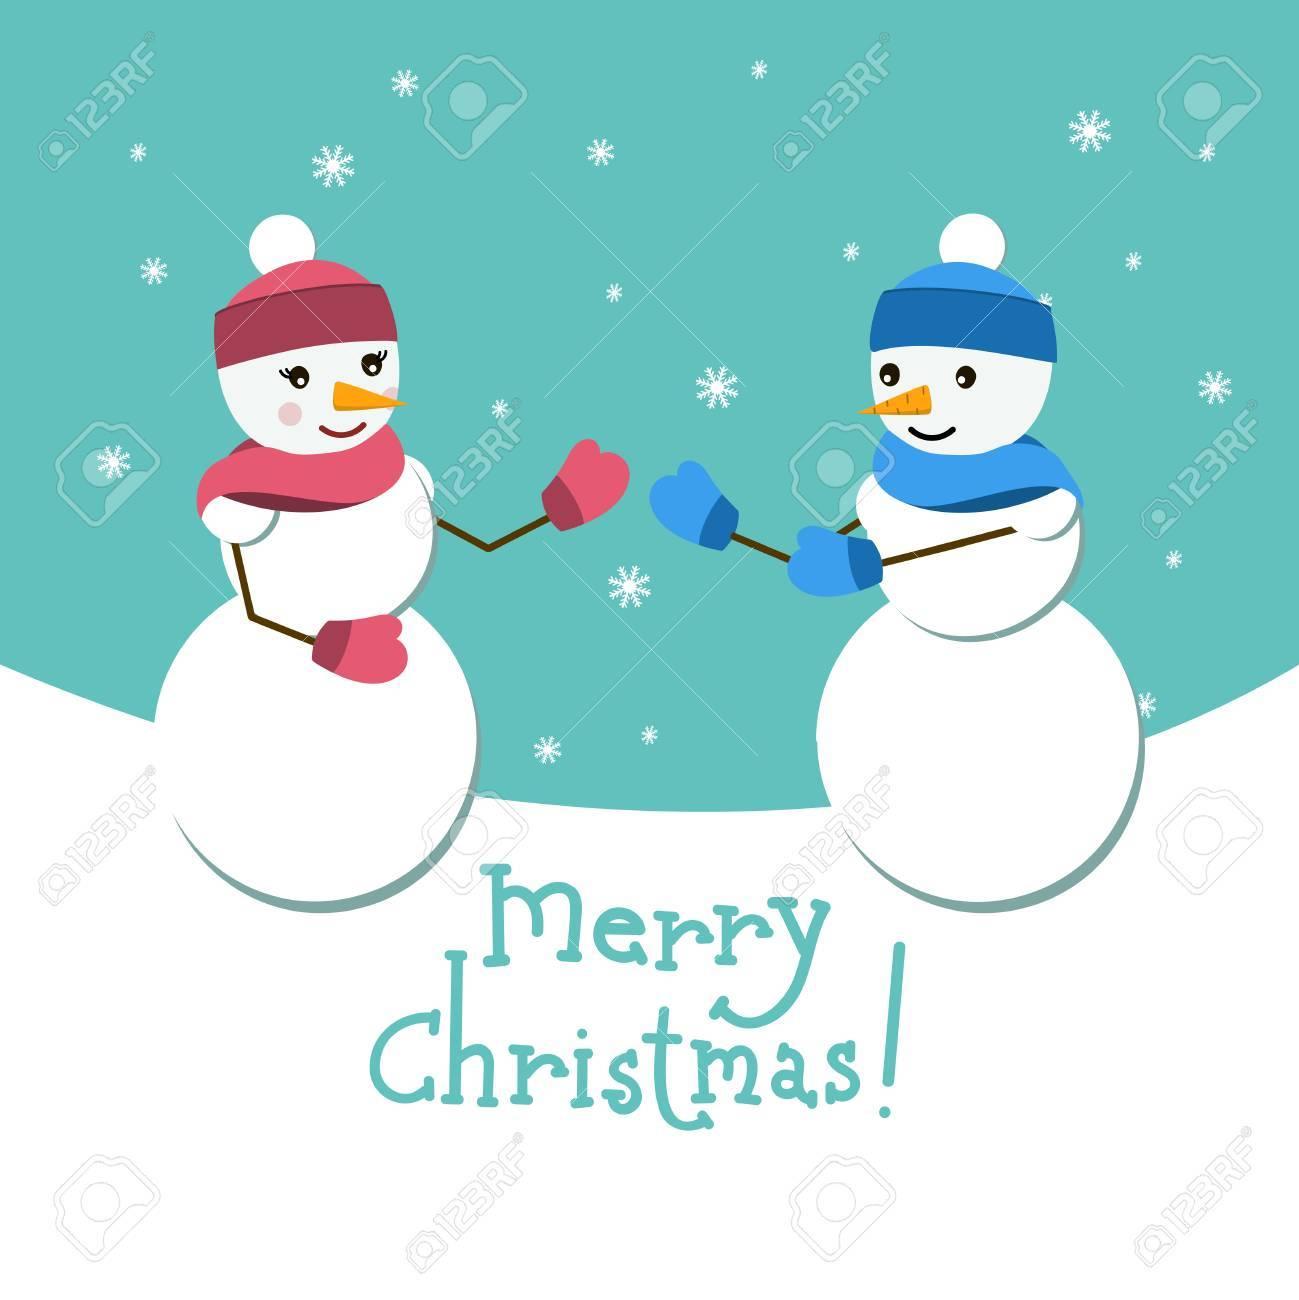 雪だるまとメリー クリスマスの文字彼のガール フレンドのベクトル